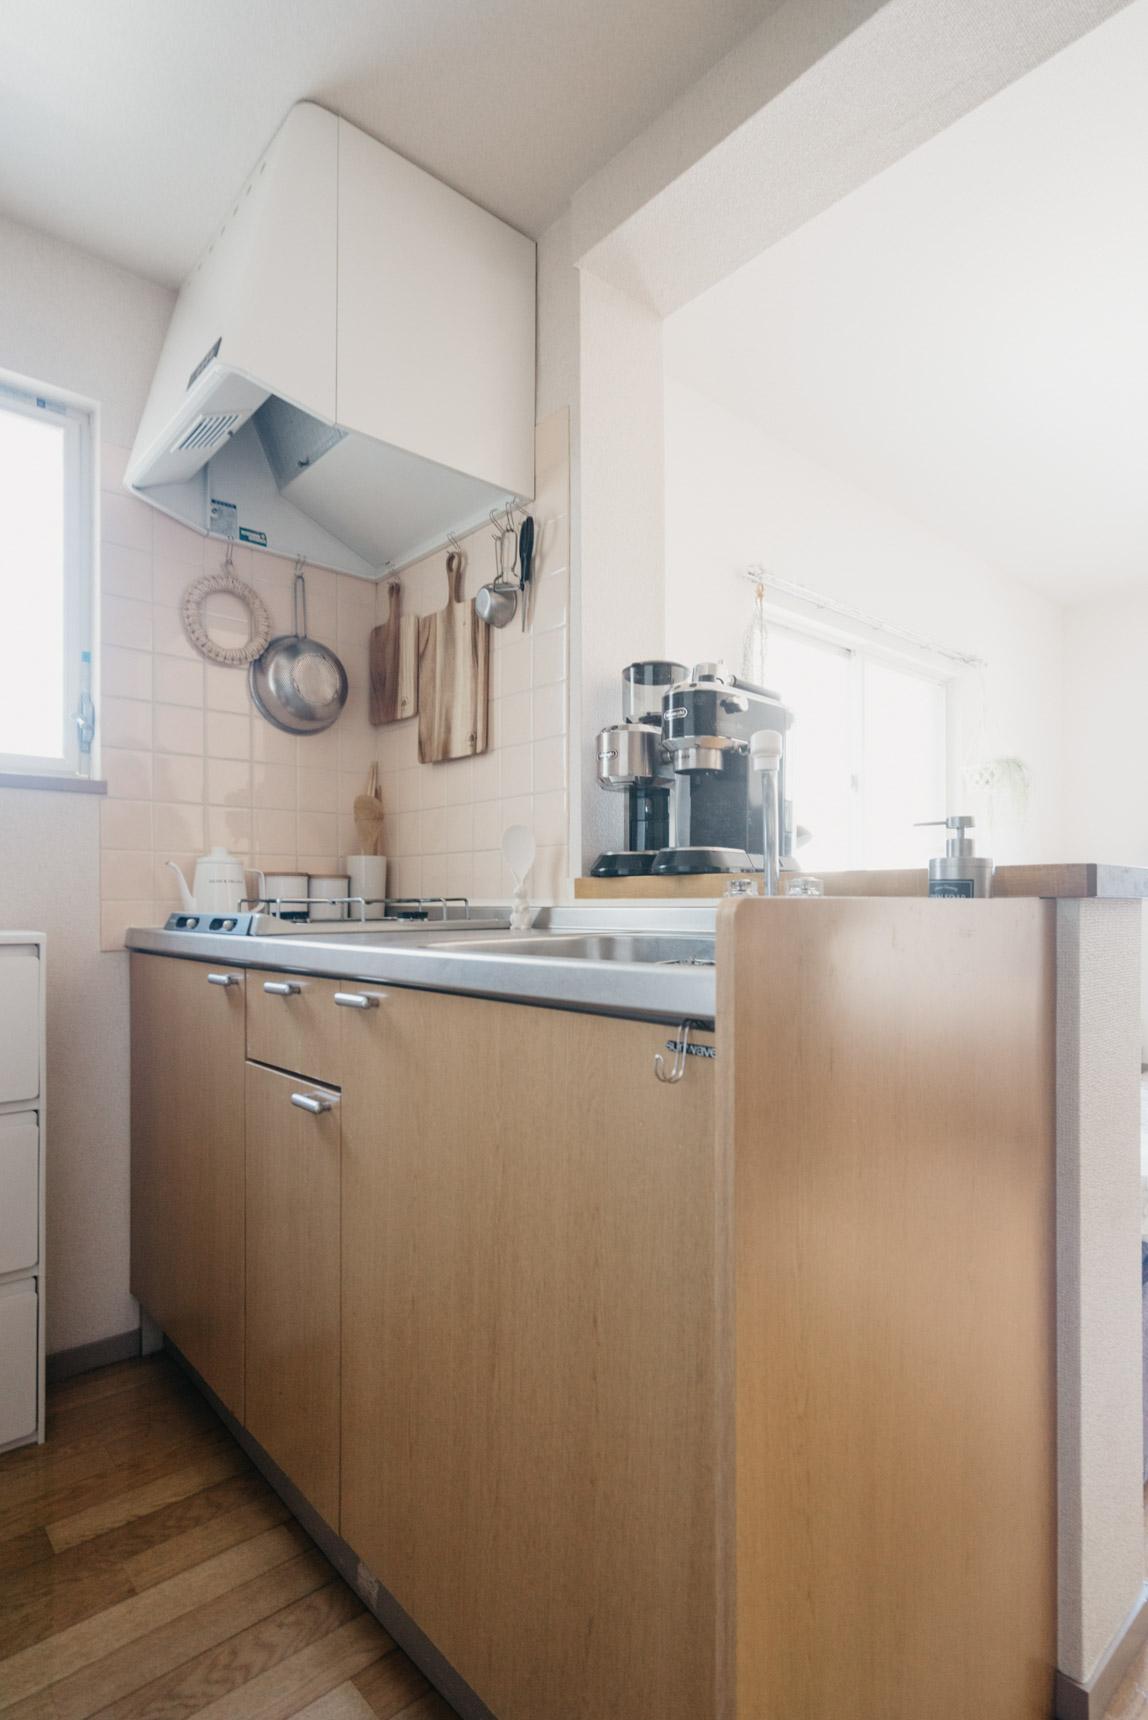 こちらも、かなり充実しているキッチン。確かにここにも窓があるので明るくてとても良いですね。